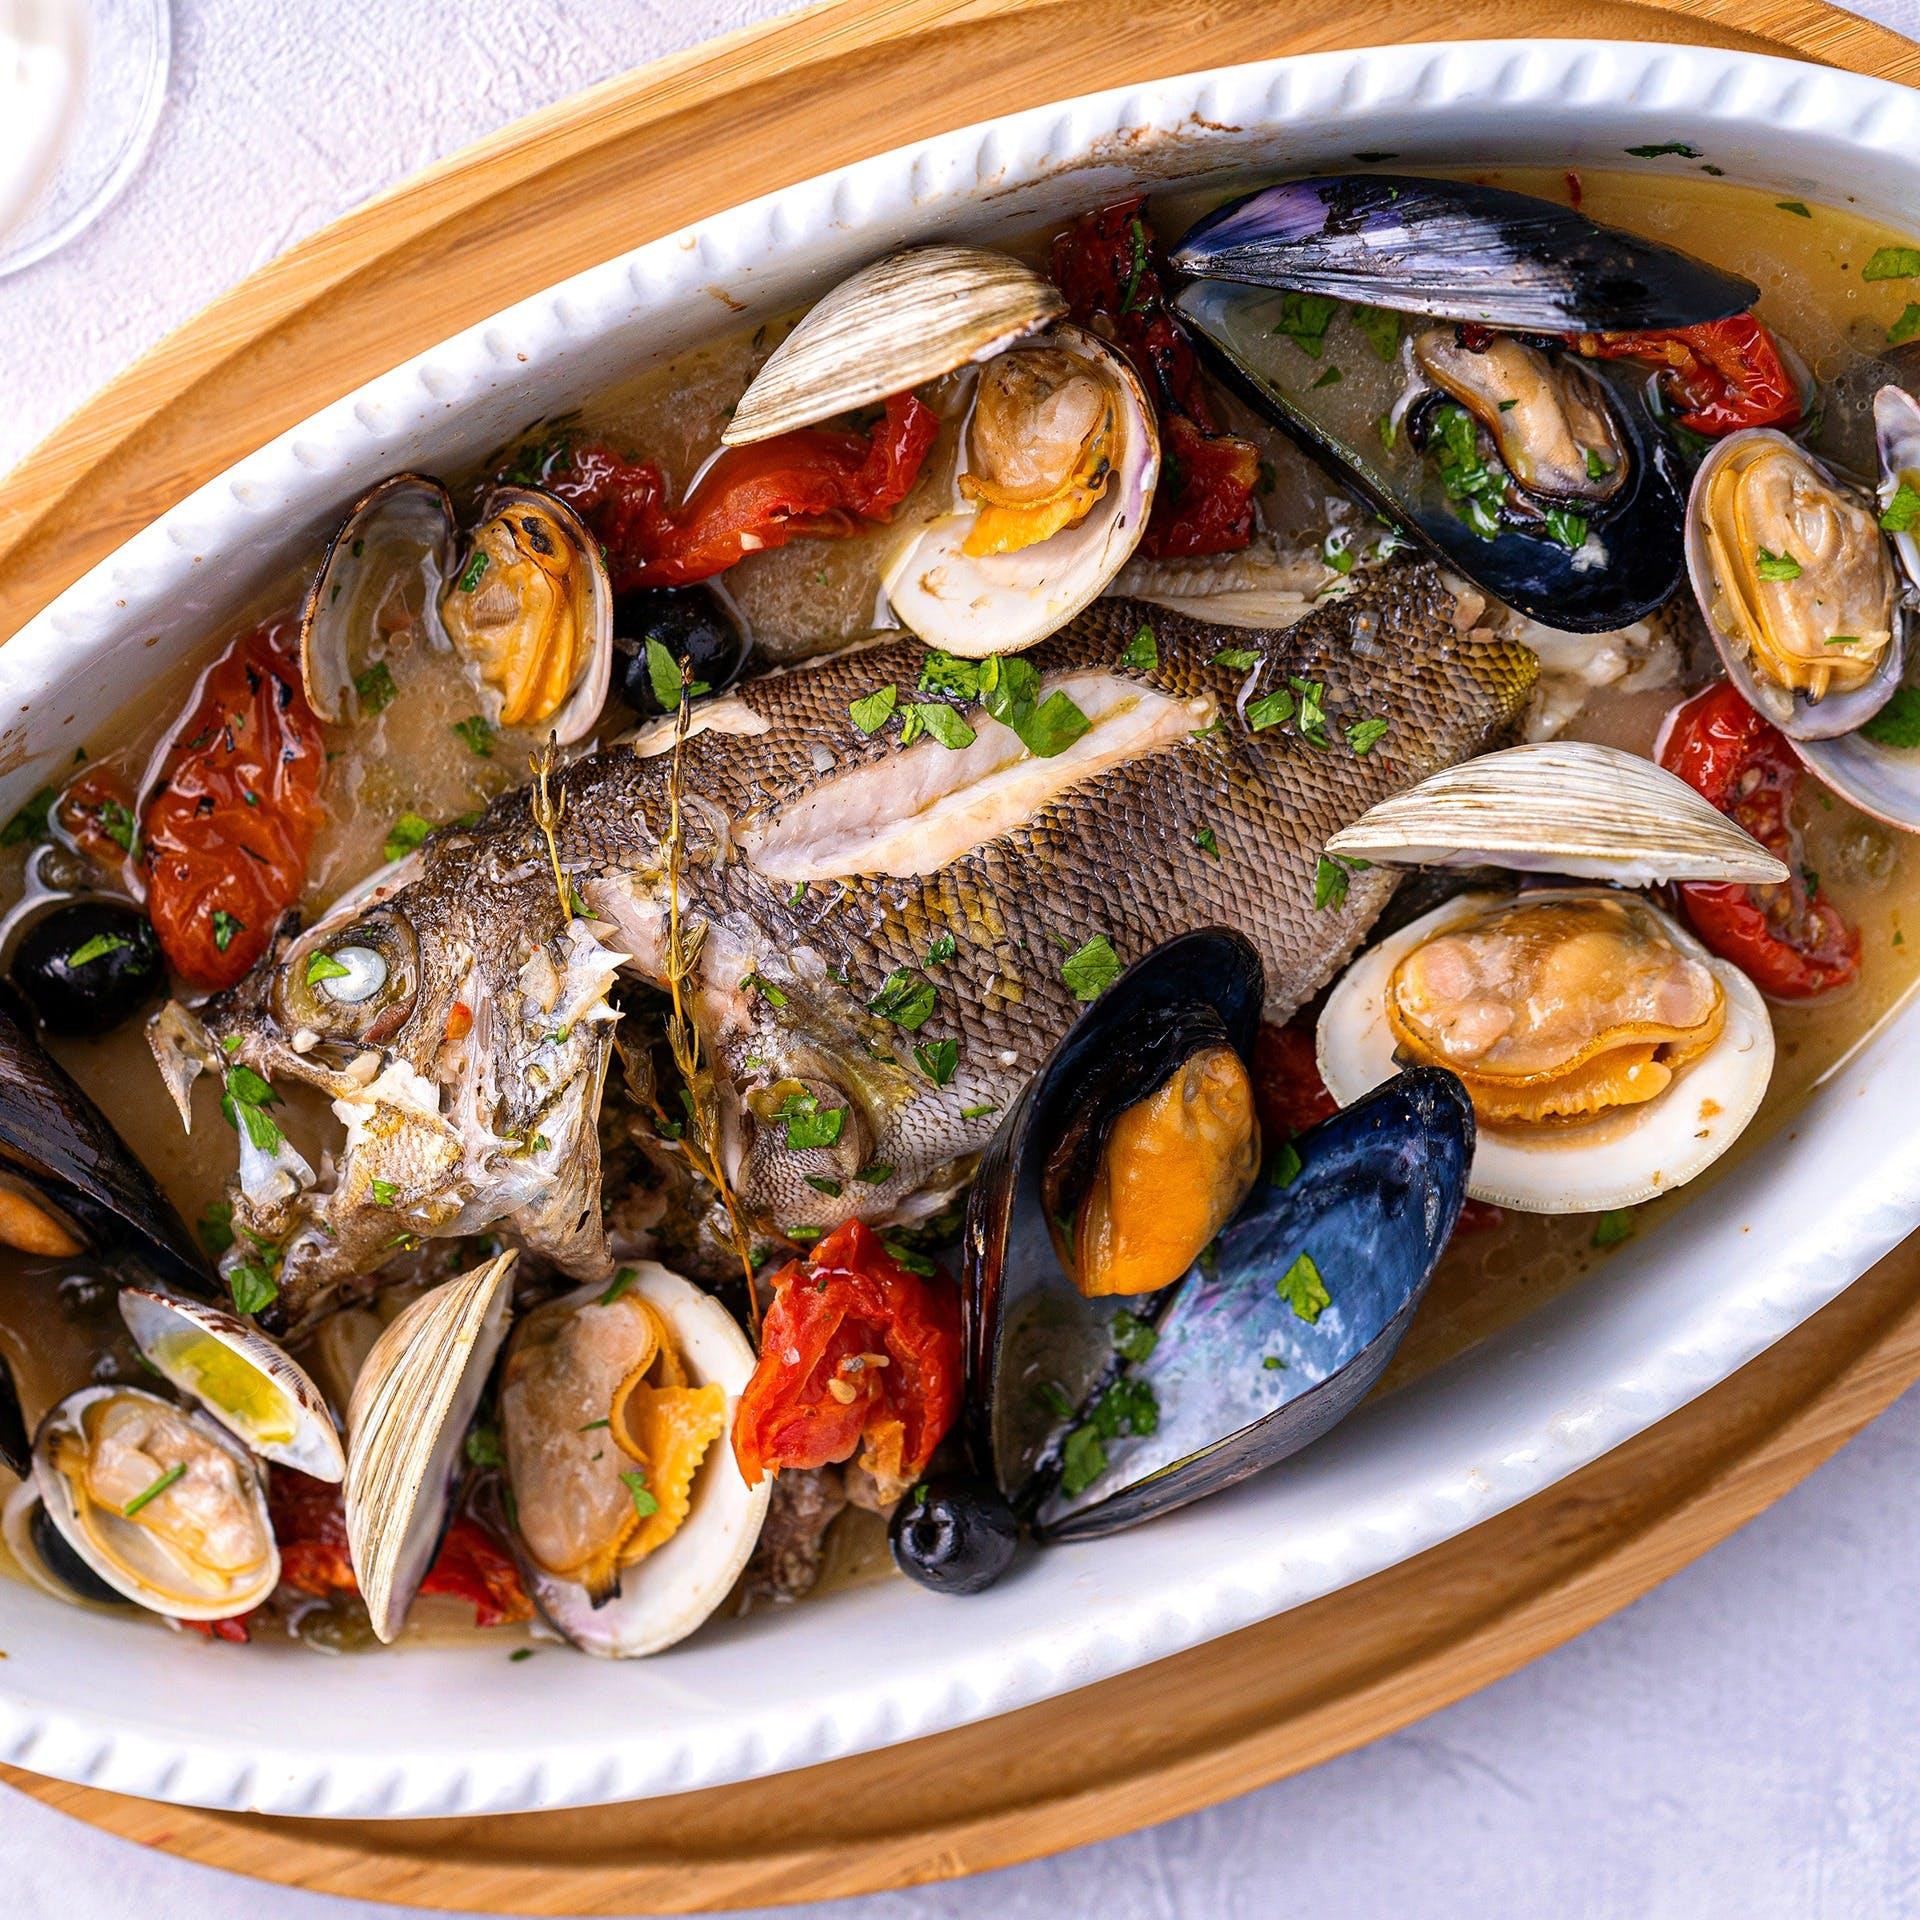 豊洲直送の旬の野菜や魚介の素材を活かしたダイナミックなメニュー